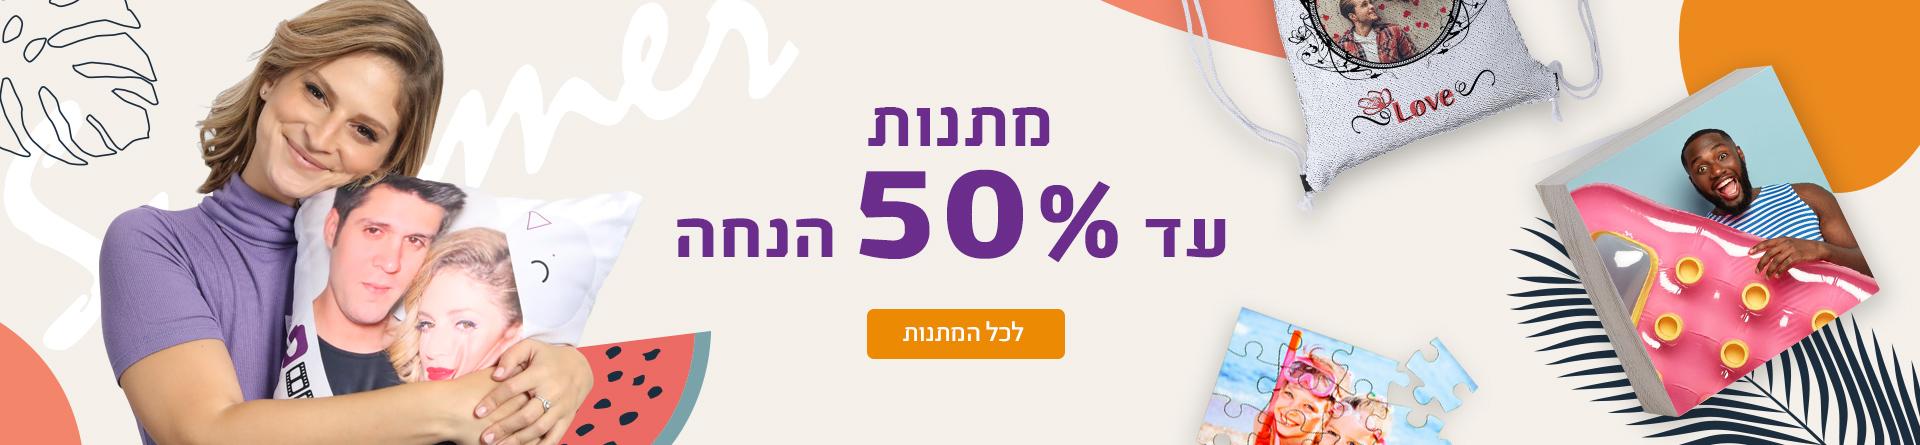 מתנות יוני 50% 1.7